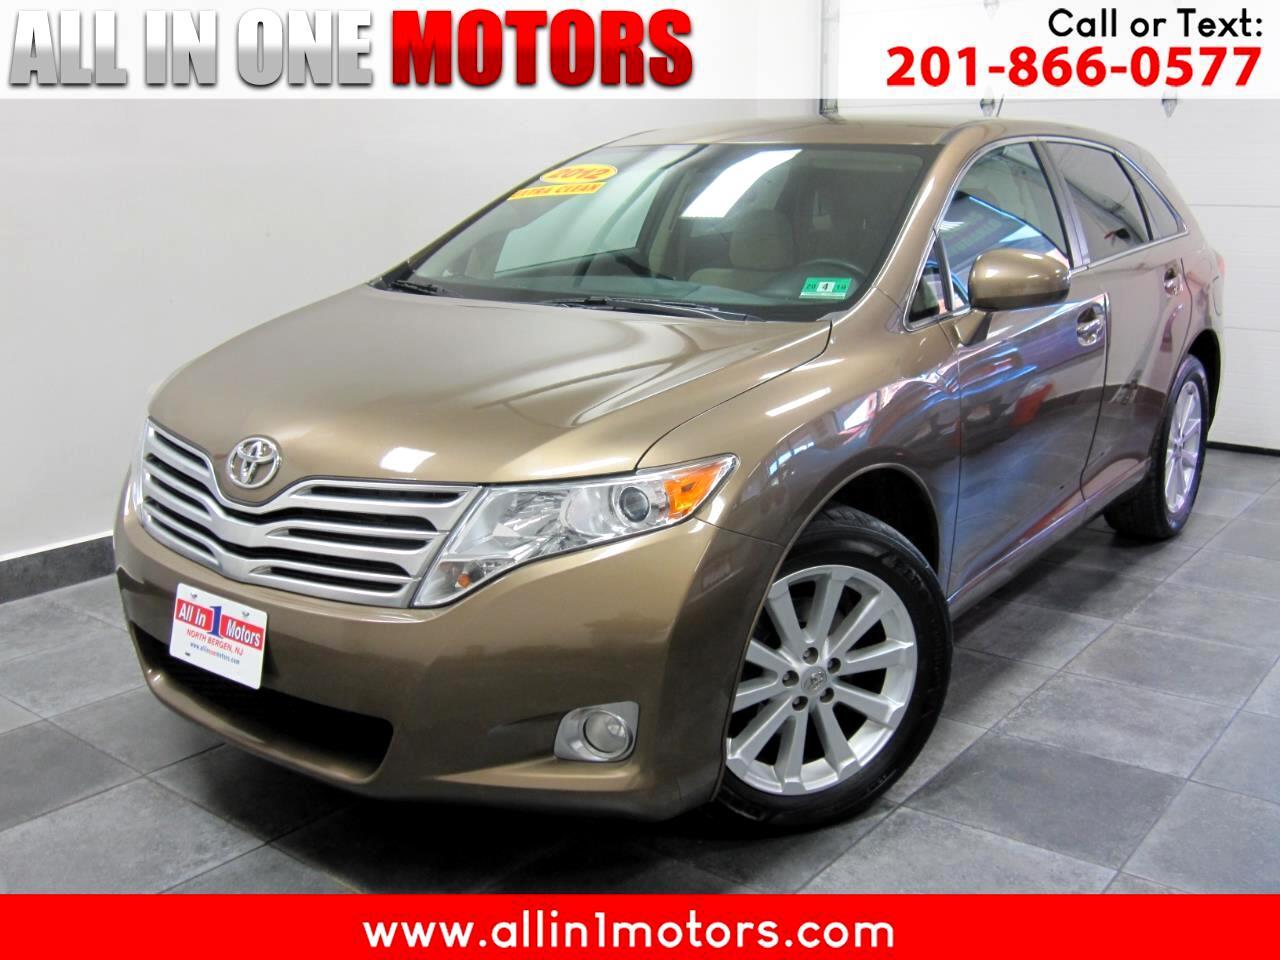 2012 Toyota Venza 4dr Wgn I4 AWD LE (Natl)